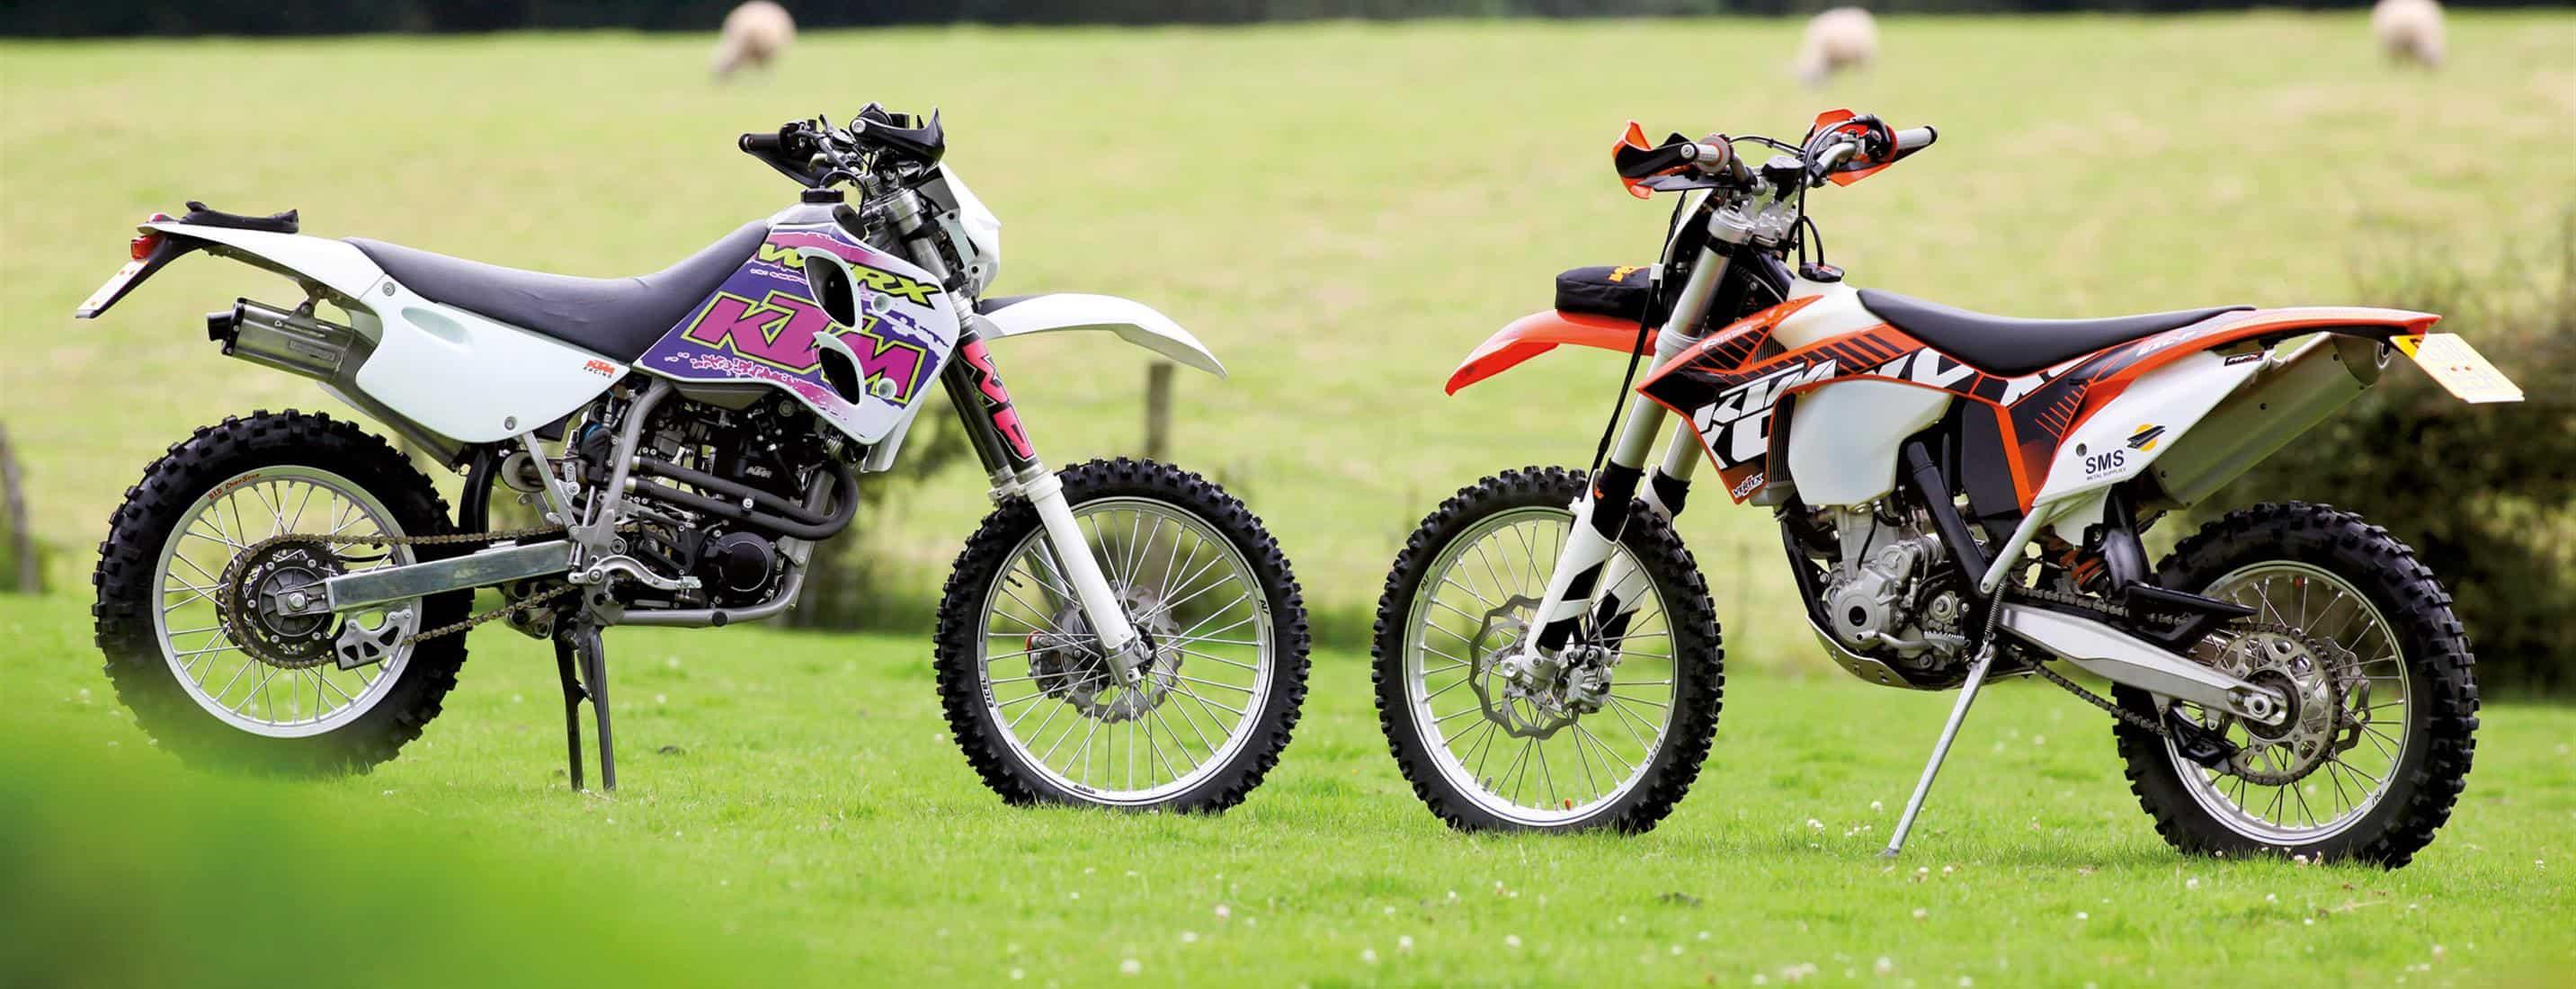 1993 KTM 350E-XC vs 2013 KTM 350EXC